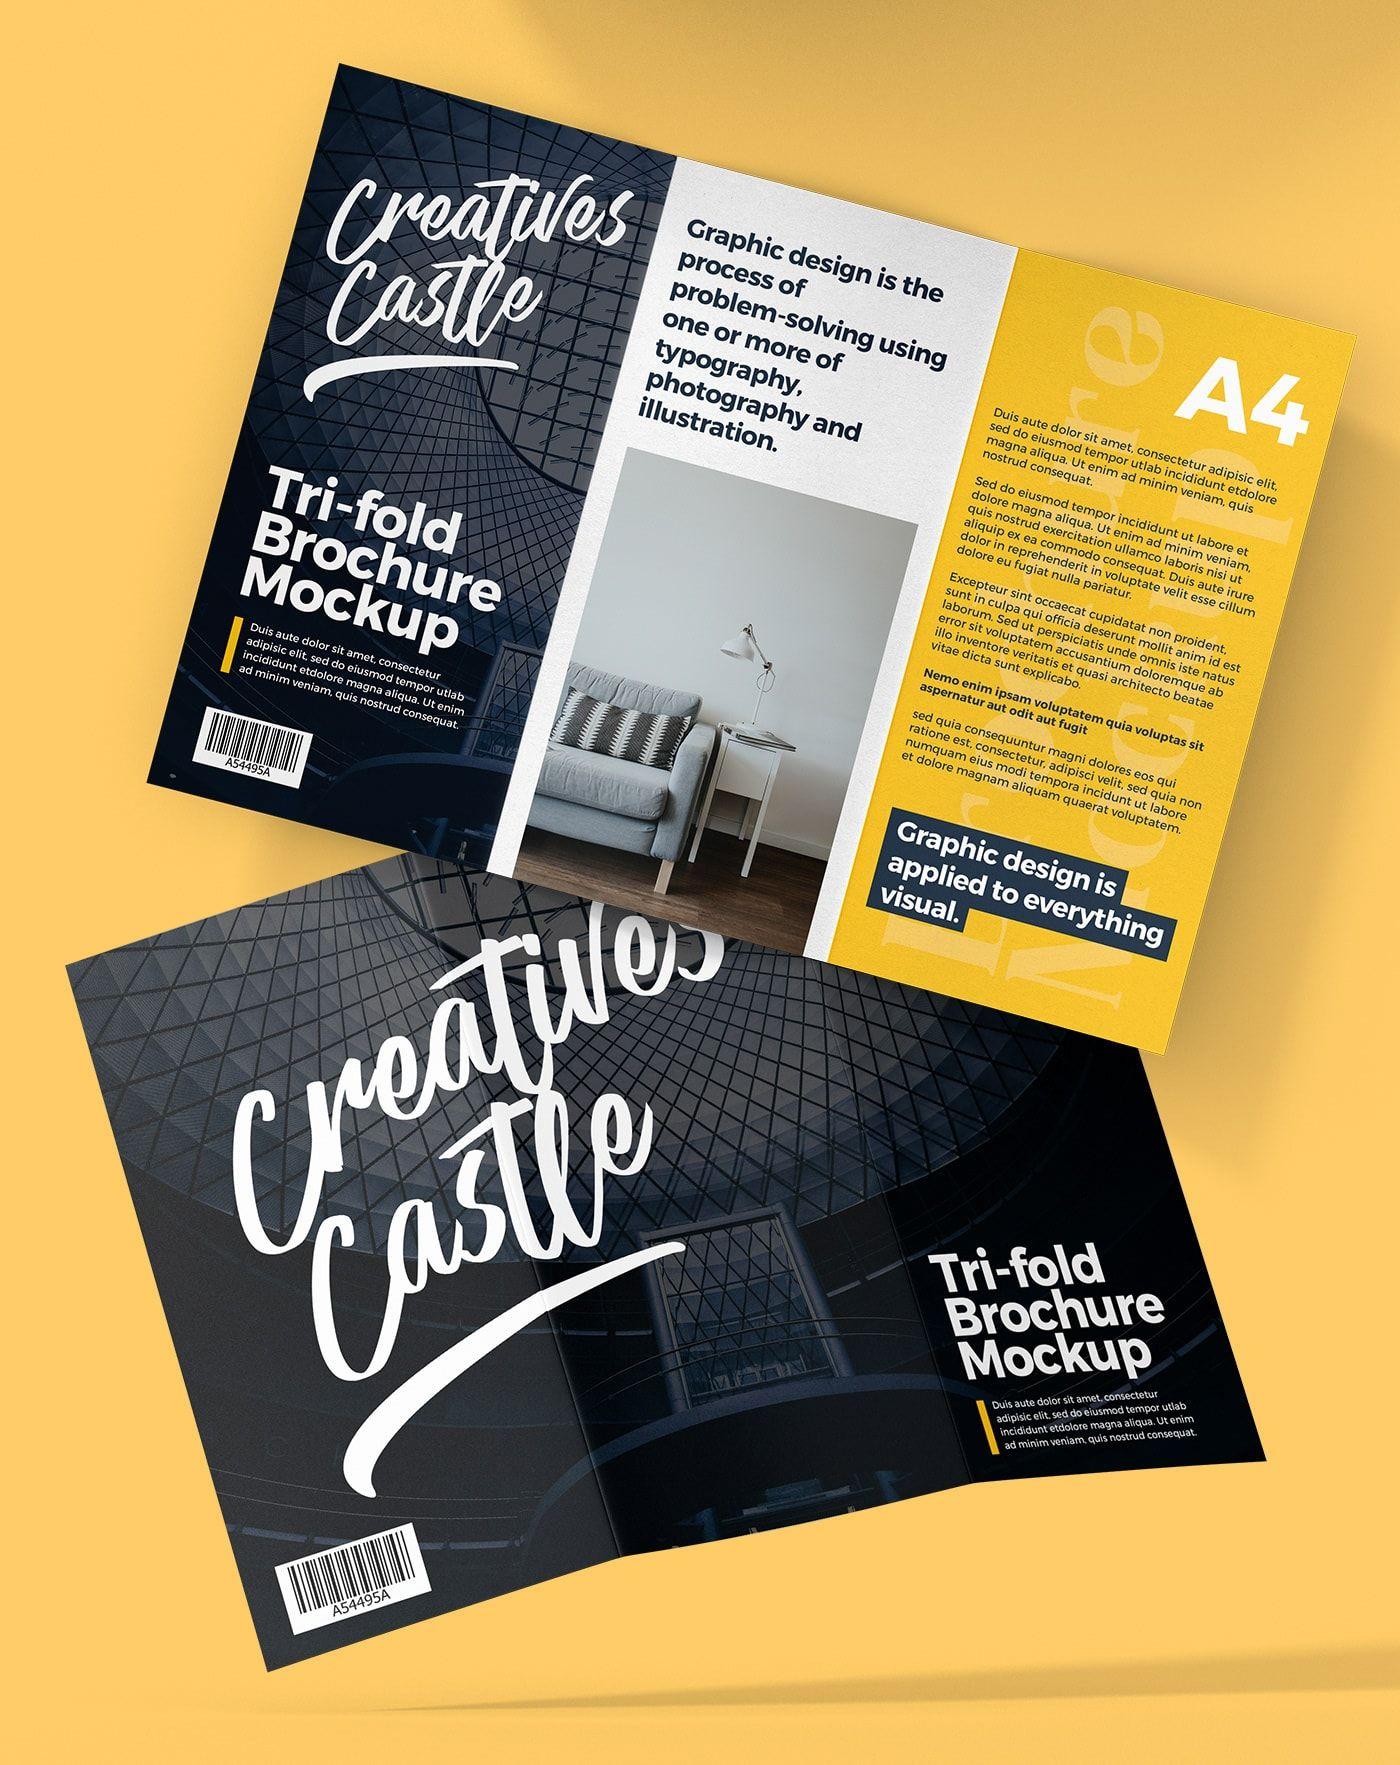 A4 Tri Fold Brochure Mockup Free Psd Mockups Pixelsdesign Net Brochure Mockup Free Brochure Mockup Psd Free Trifold Brochure